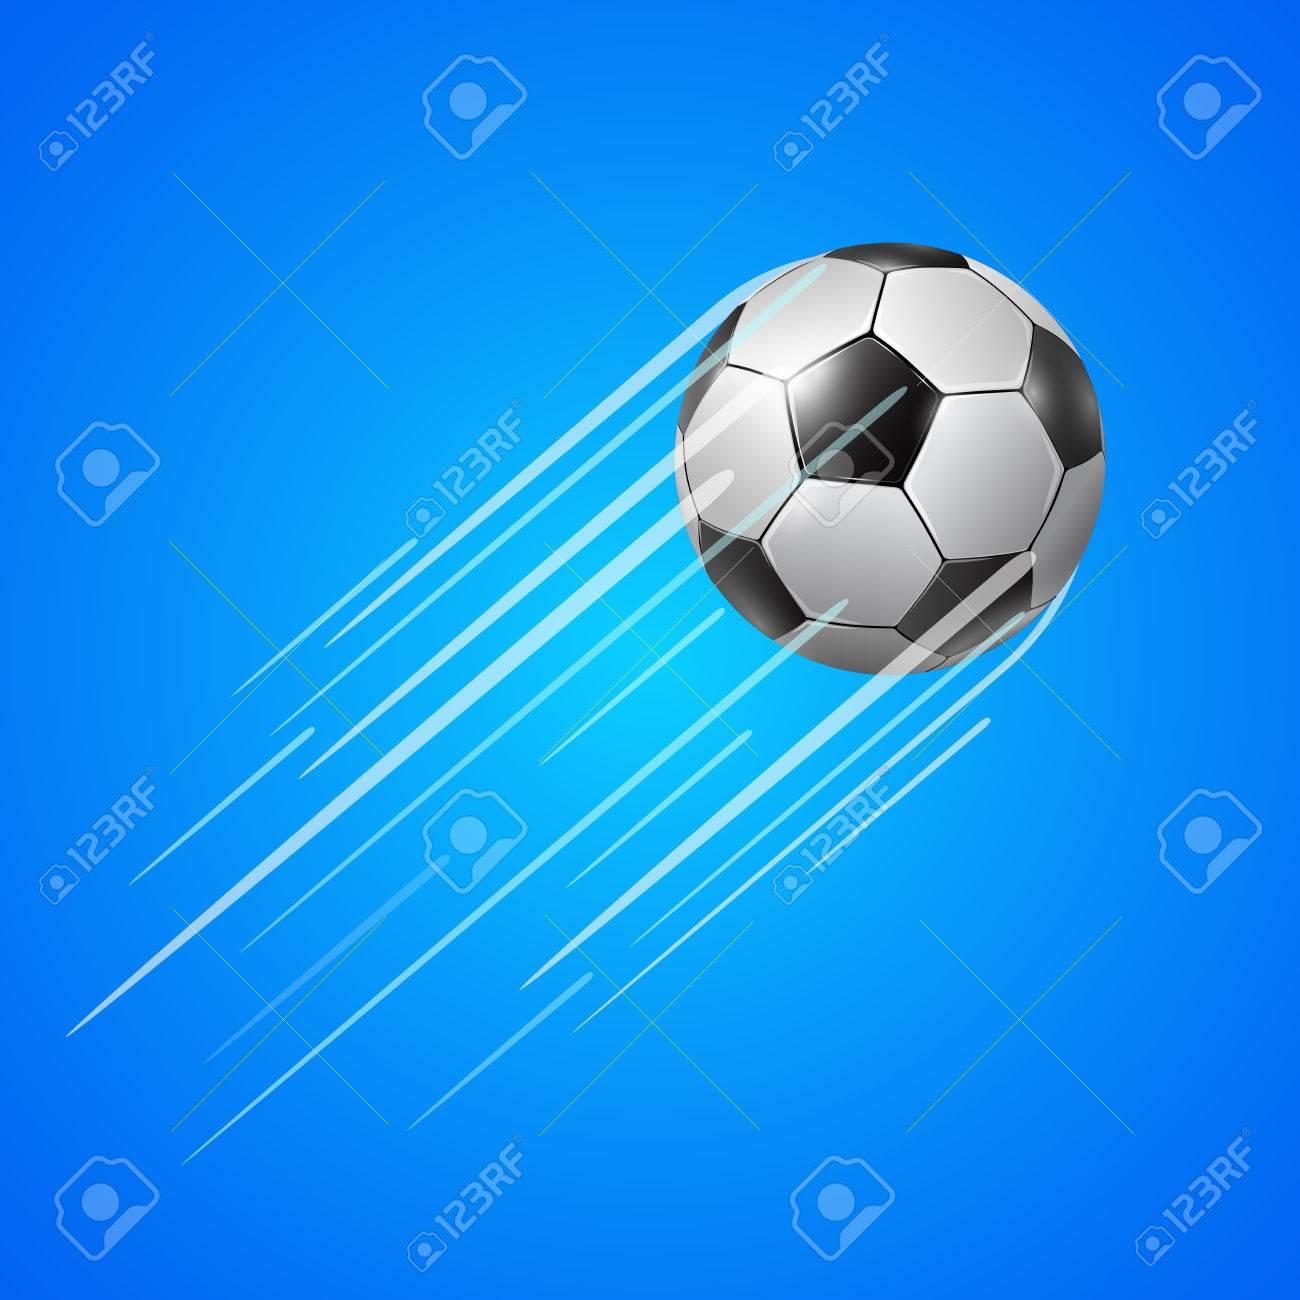 Vettoriale Pallone Da Calcio Realistico Con Una Scia Di Velocità